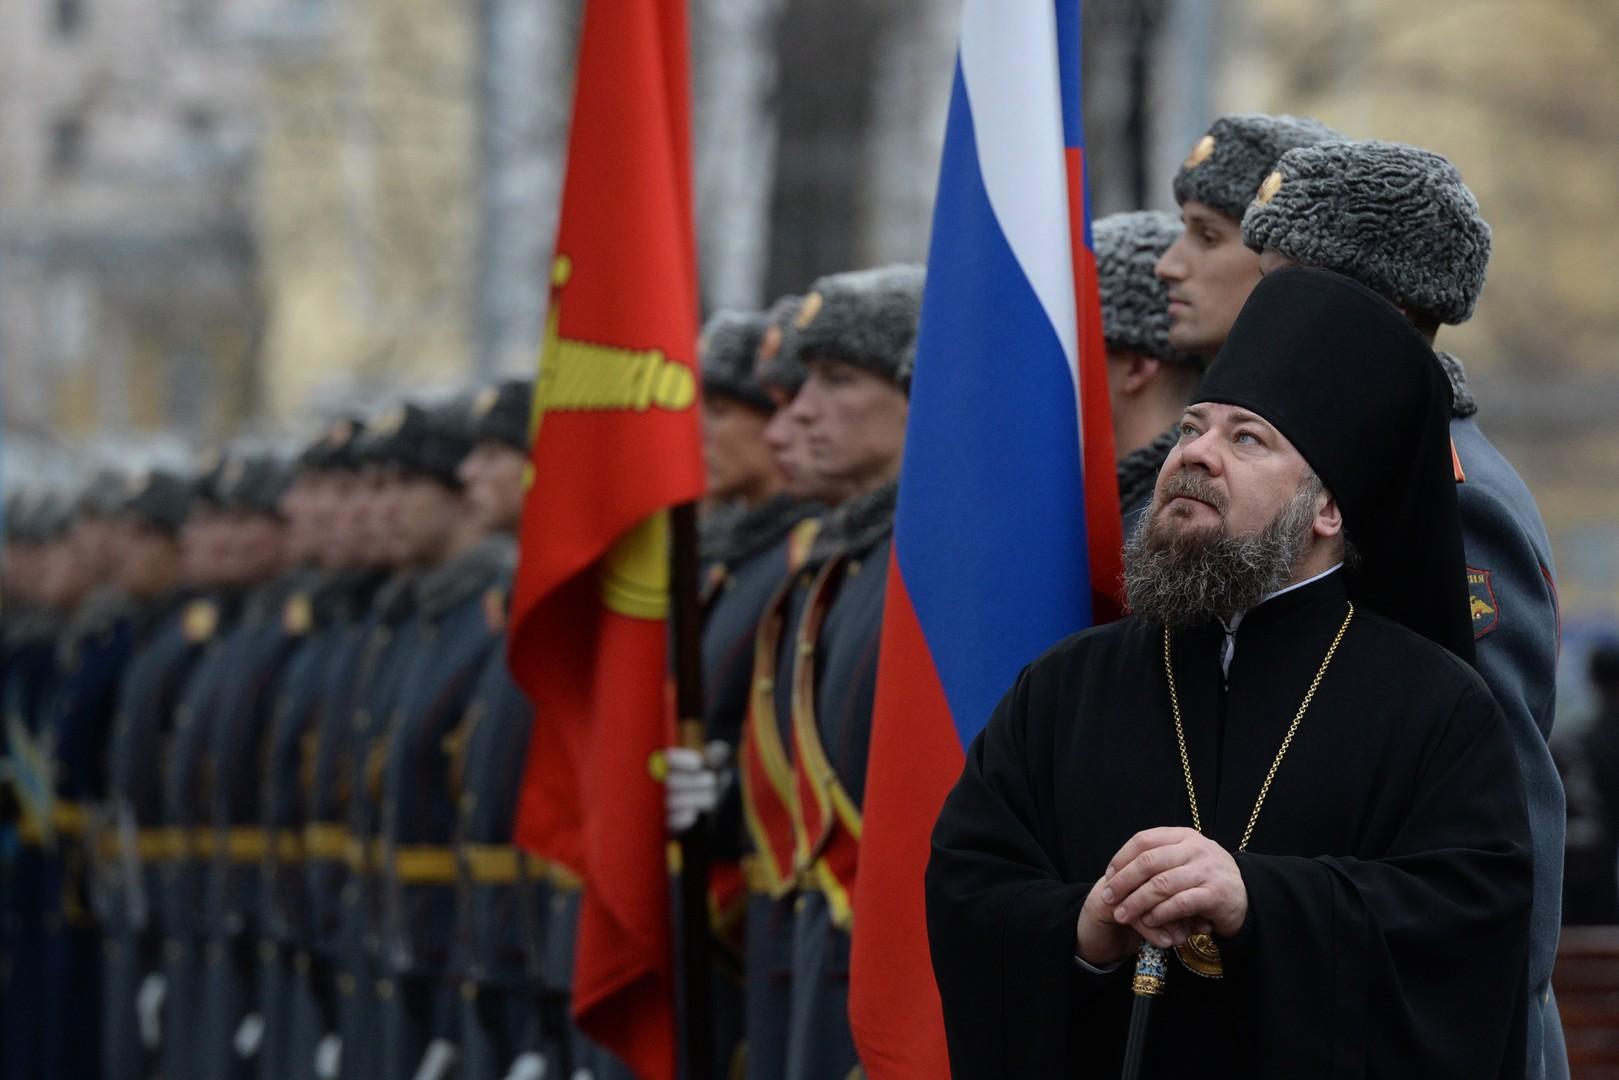 Ein Priester bei der Enthüllung des Denkmals für die Fernfliegerkräfte in Moskau.